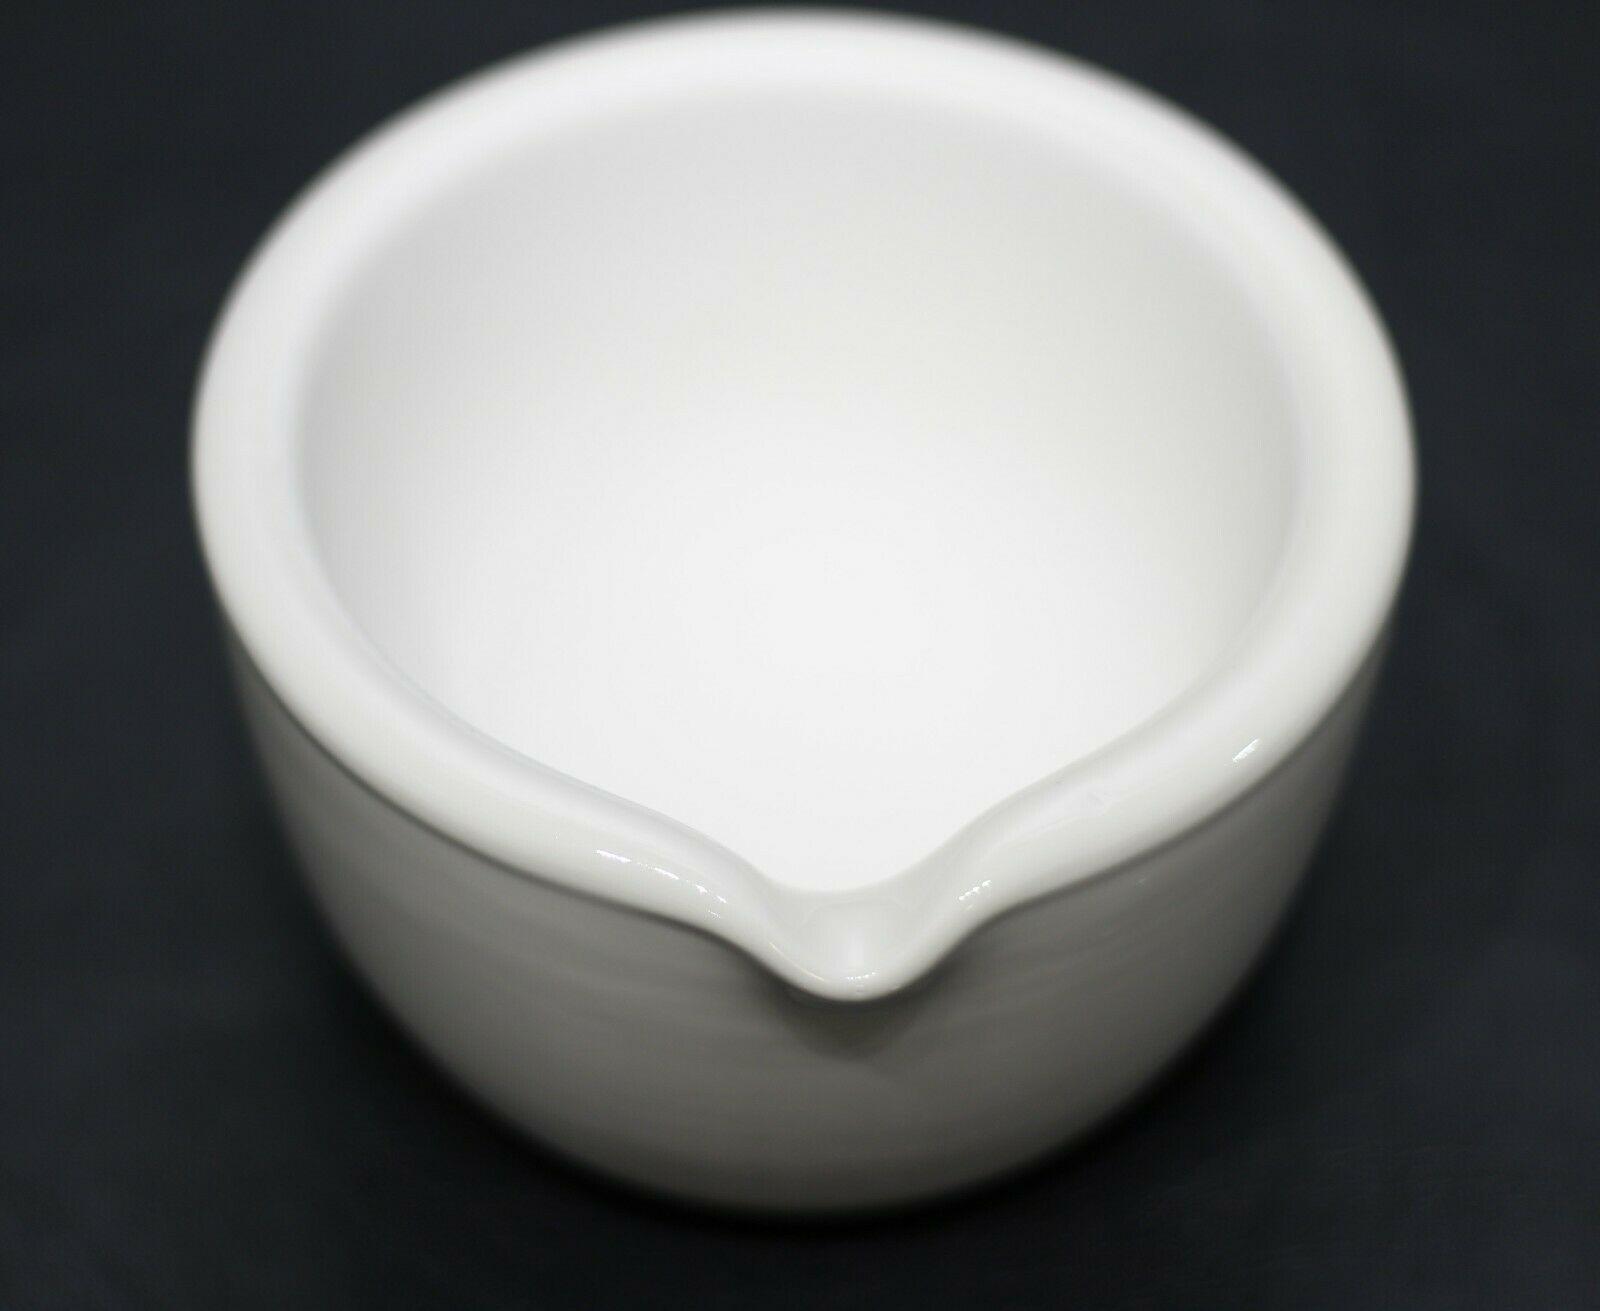 CoorsTek 60322 Porcelain Mortar w/ Pouring Lip & 60323 Porcelain Pestle